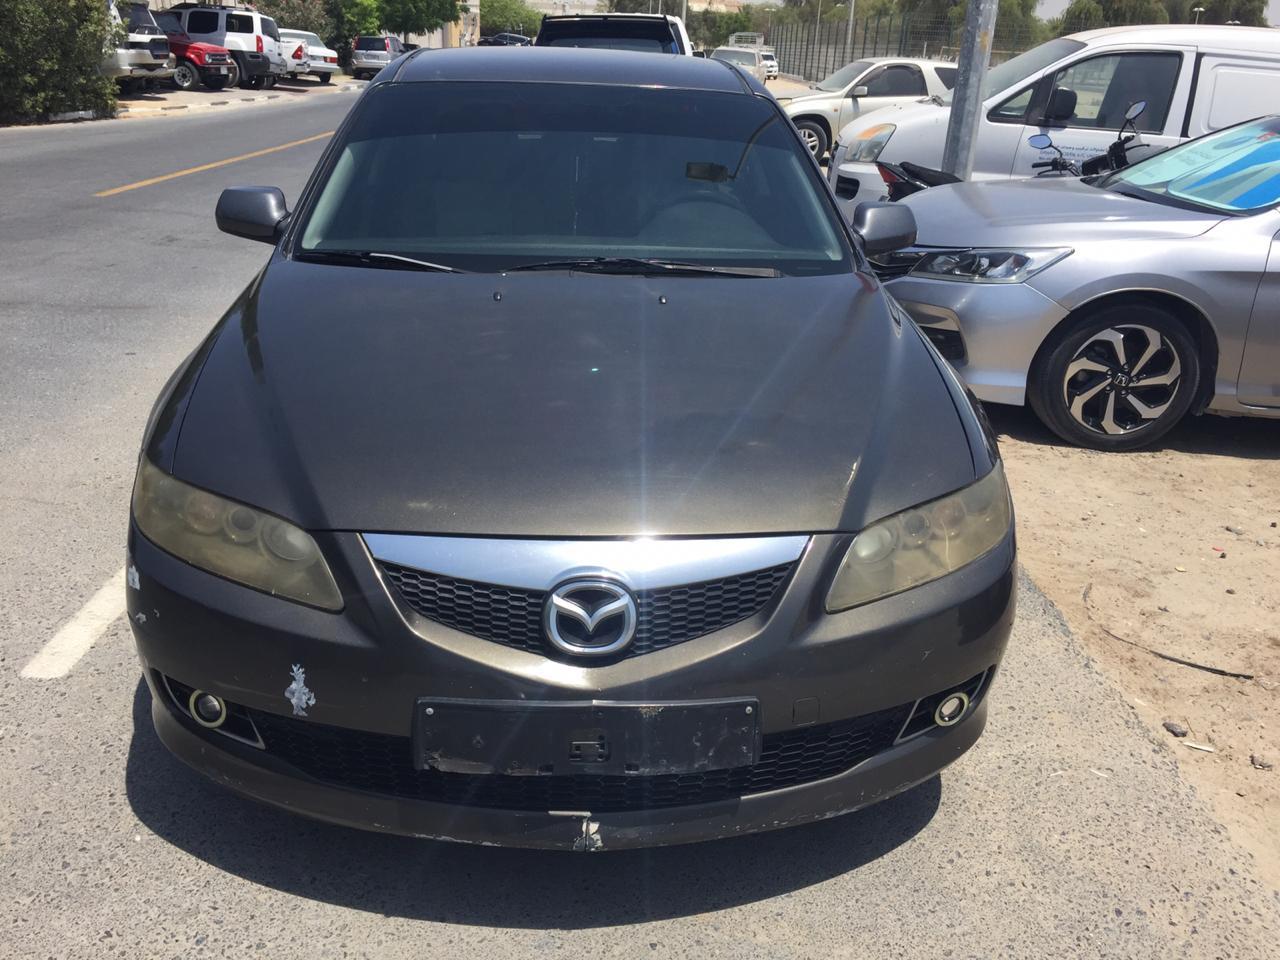 Kelebihan Kekurangan Mazda 6 2006 Perbandingan Harga